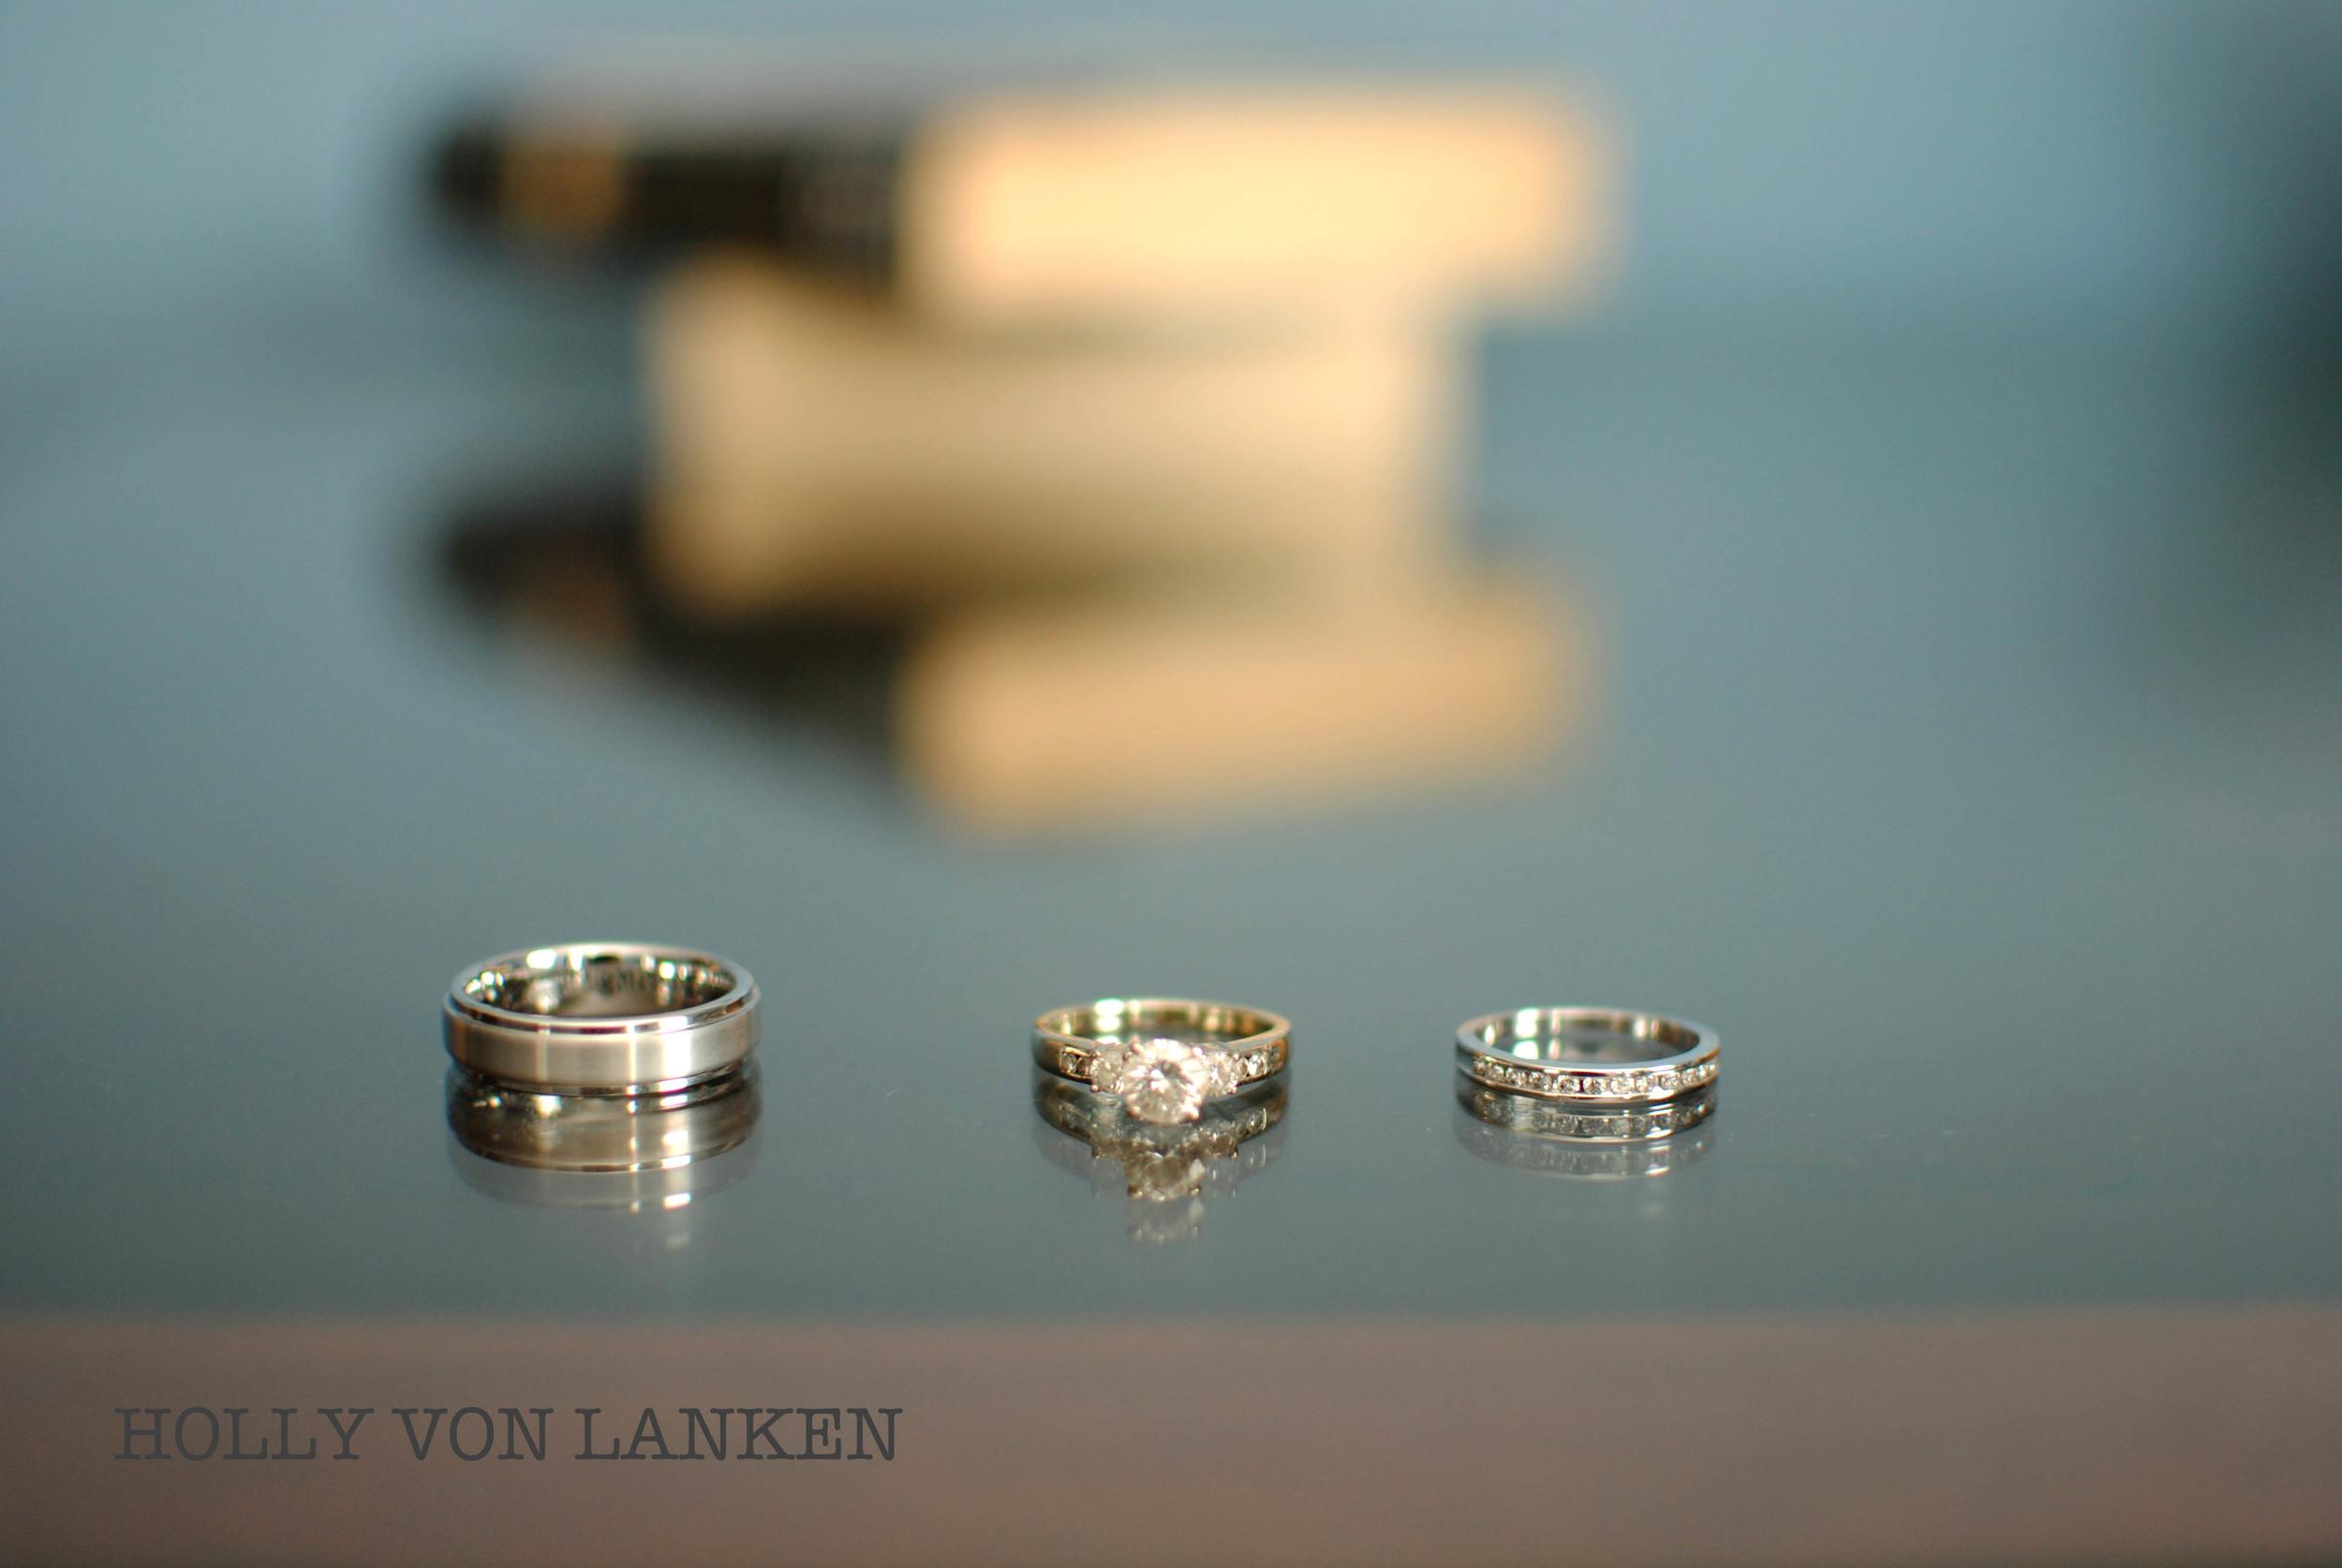 rings_edited-1.jpg